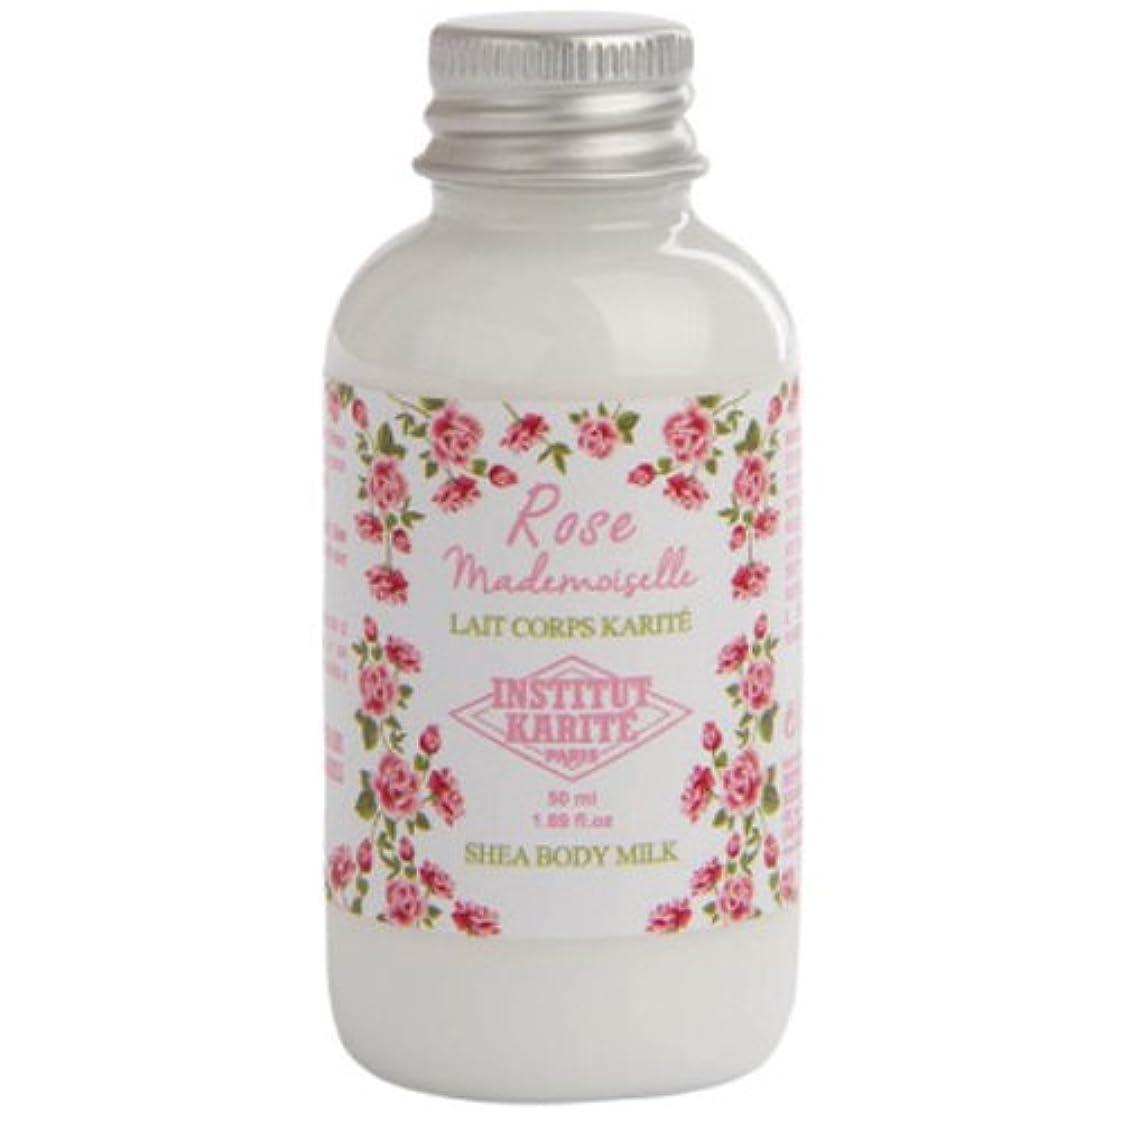 責覚えているオーバーフローINSTITUT KARITE カリテ Rose Mademoiselle クラシックローズ Travel Shea Body Milk 50ml